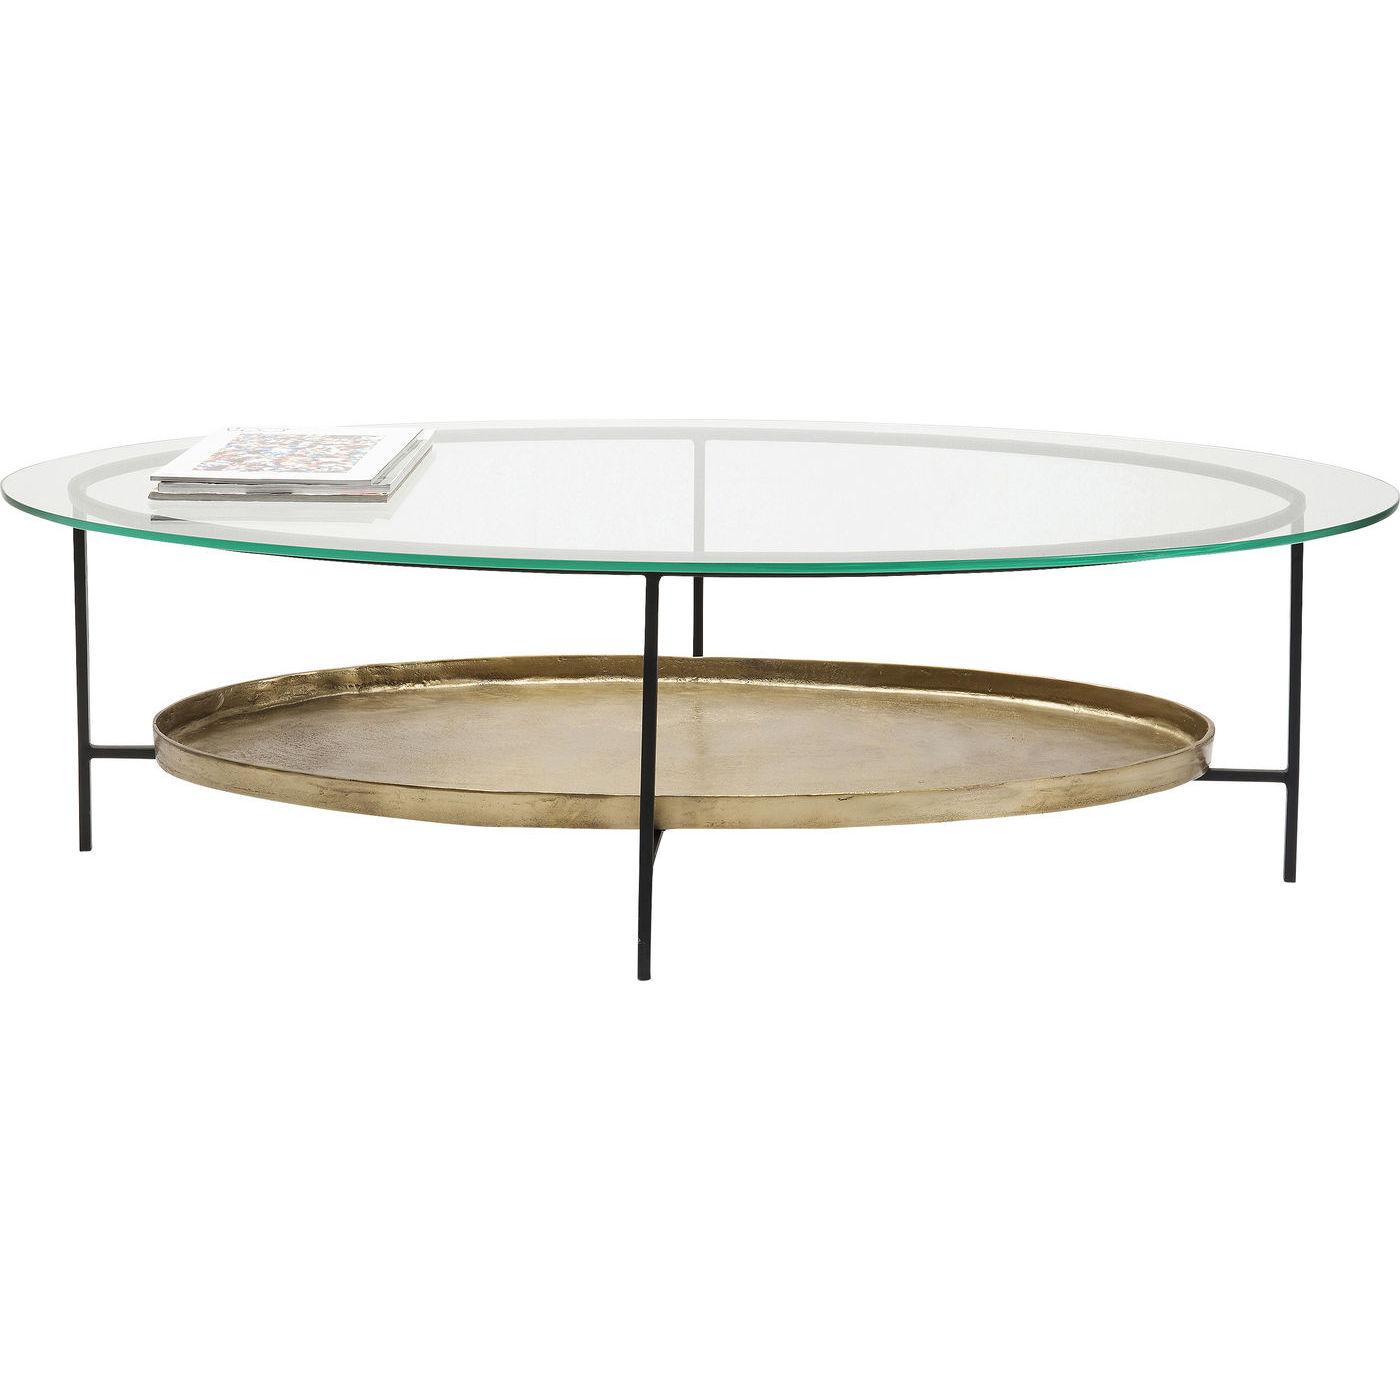 Kare design secrets sofabord - klart glas/sort stål/messing aluminium, oval, m. 1 hylde (120x60) fra kare design på boboonline.dk